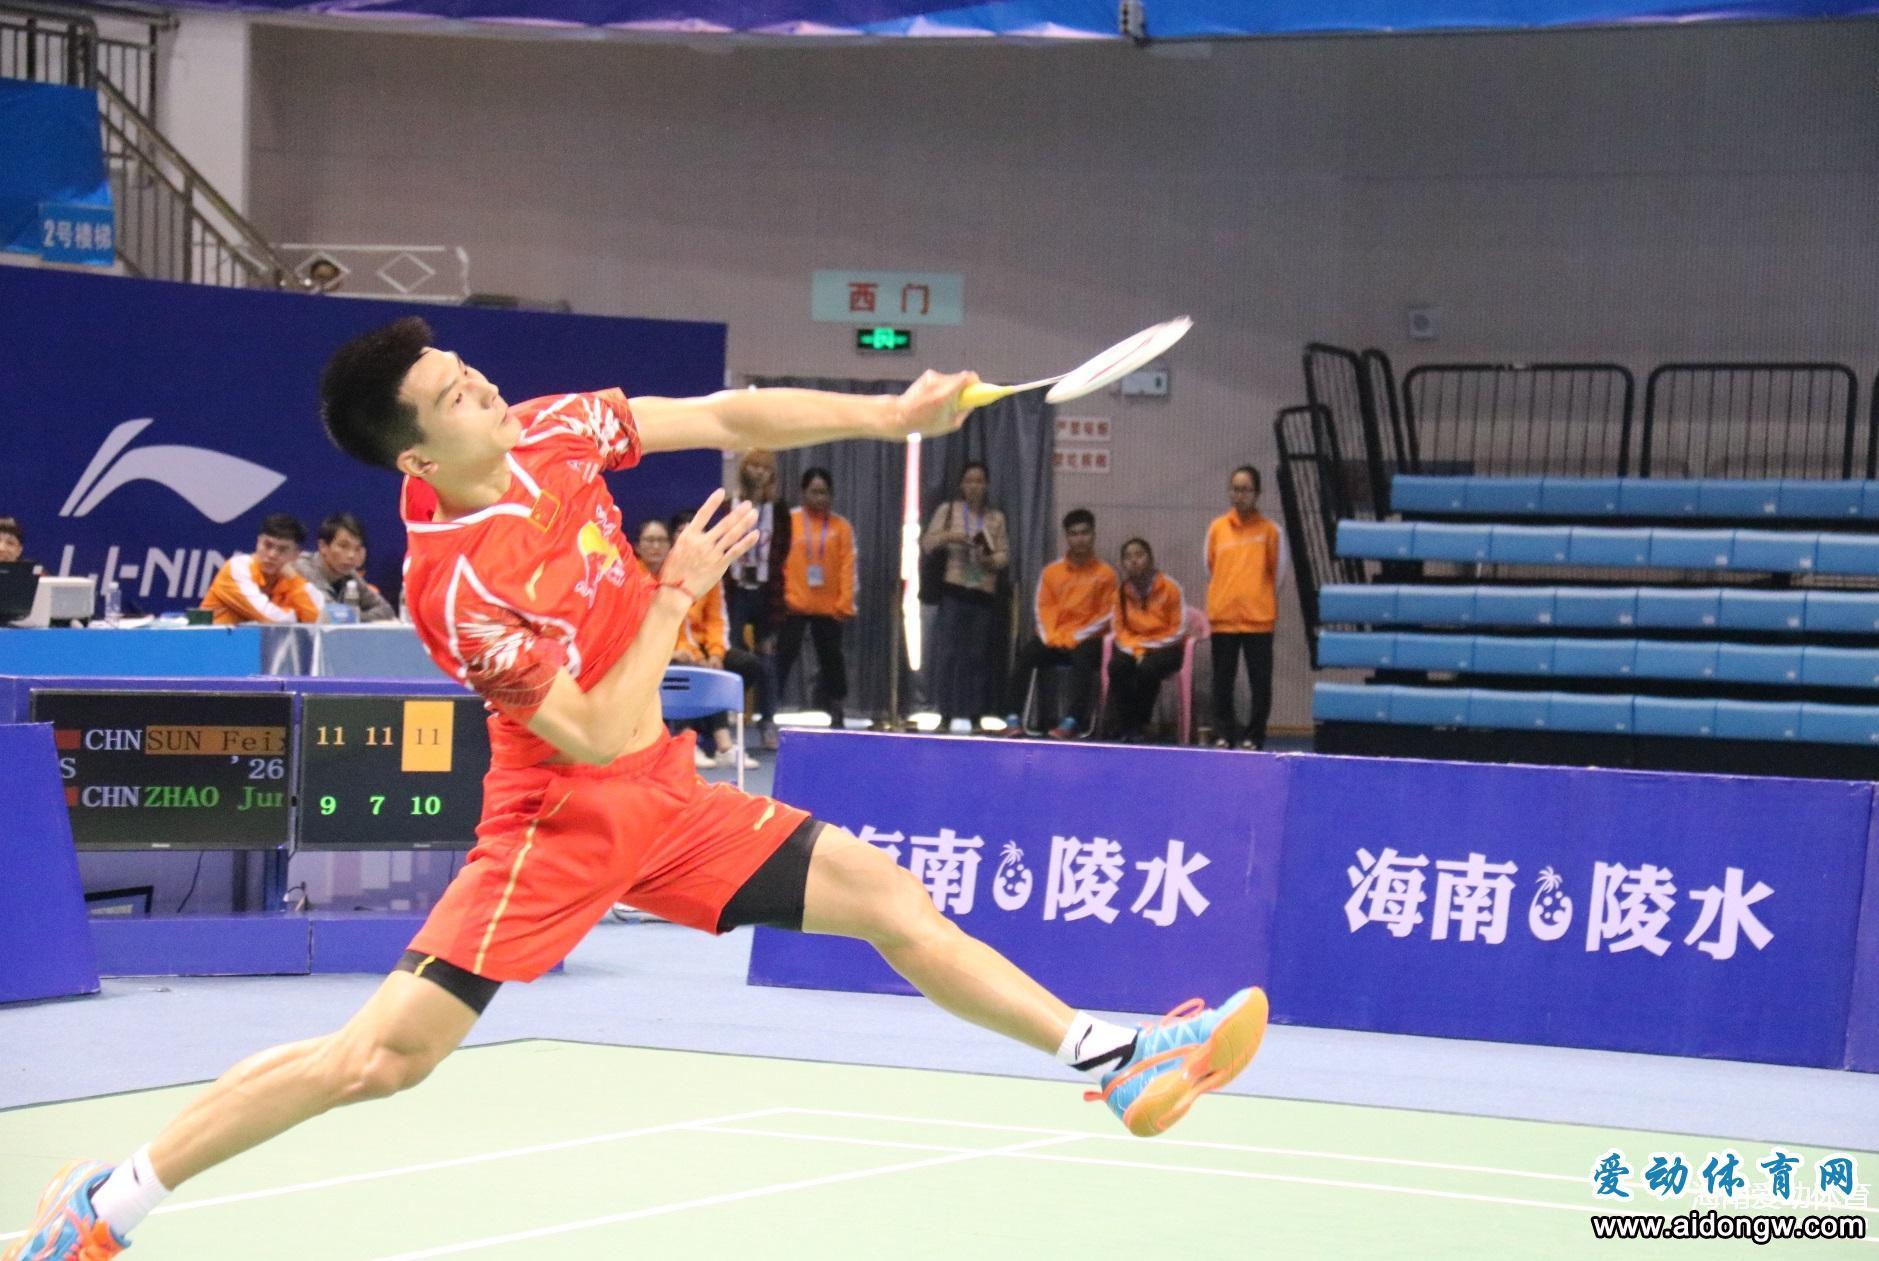 2018中国(陵水)国际羽毛球大师赛4月10日挥拍  微信集赞领免费门票!